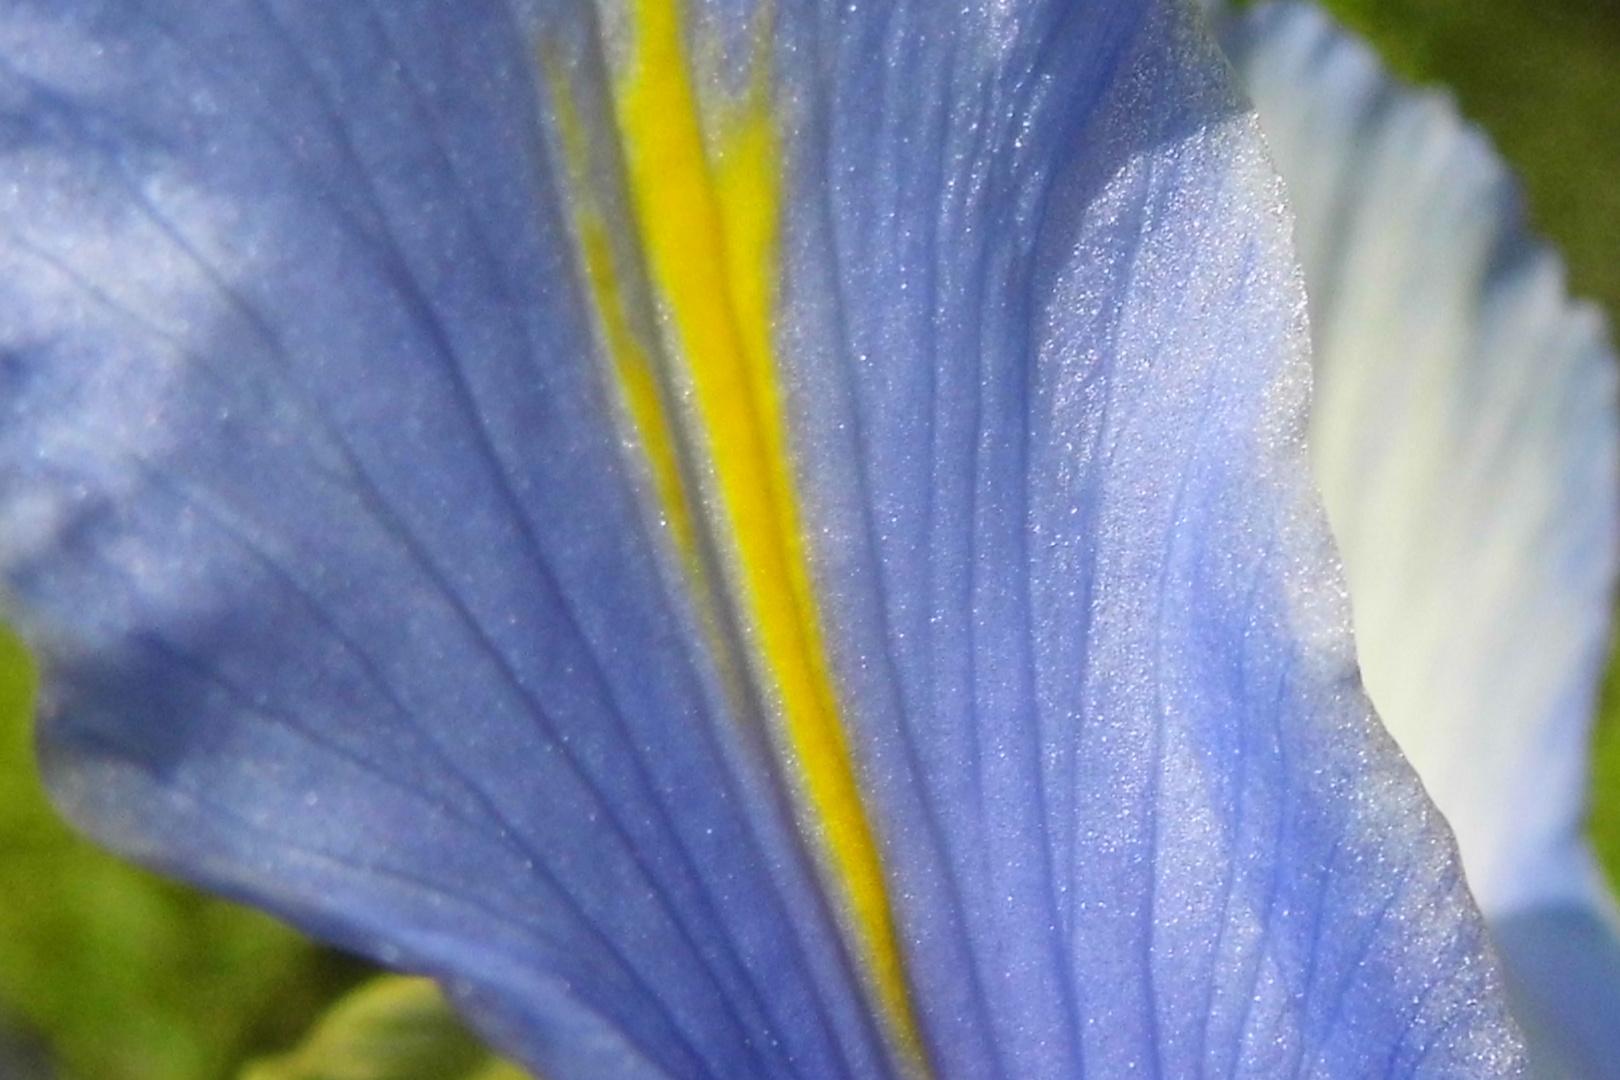 Irisblatt